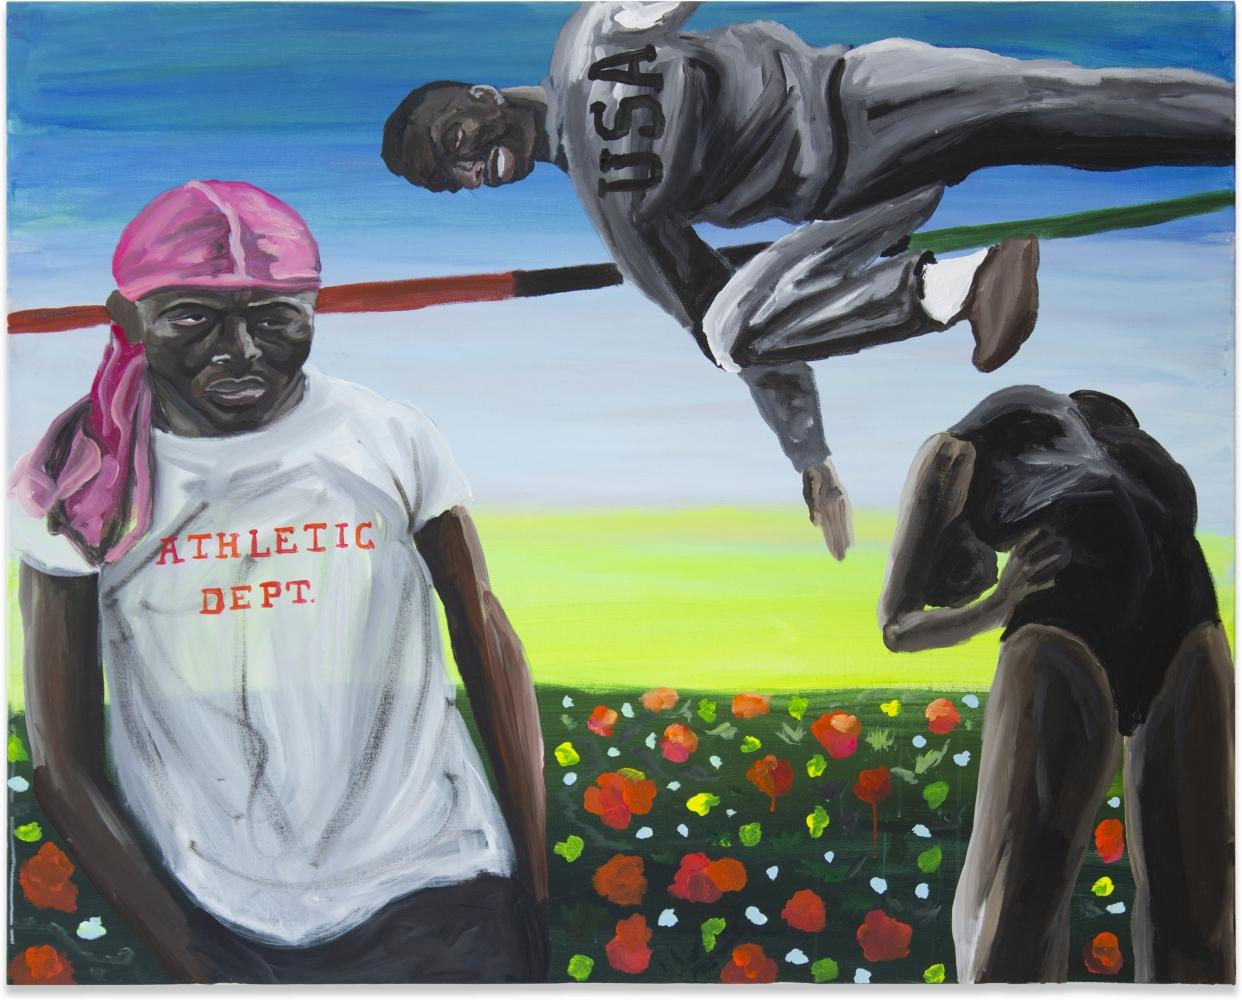 Marcus Brutus, Black Athlete Bouillabaisse, 2020